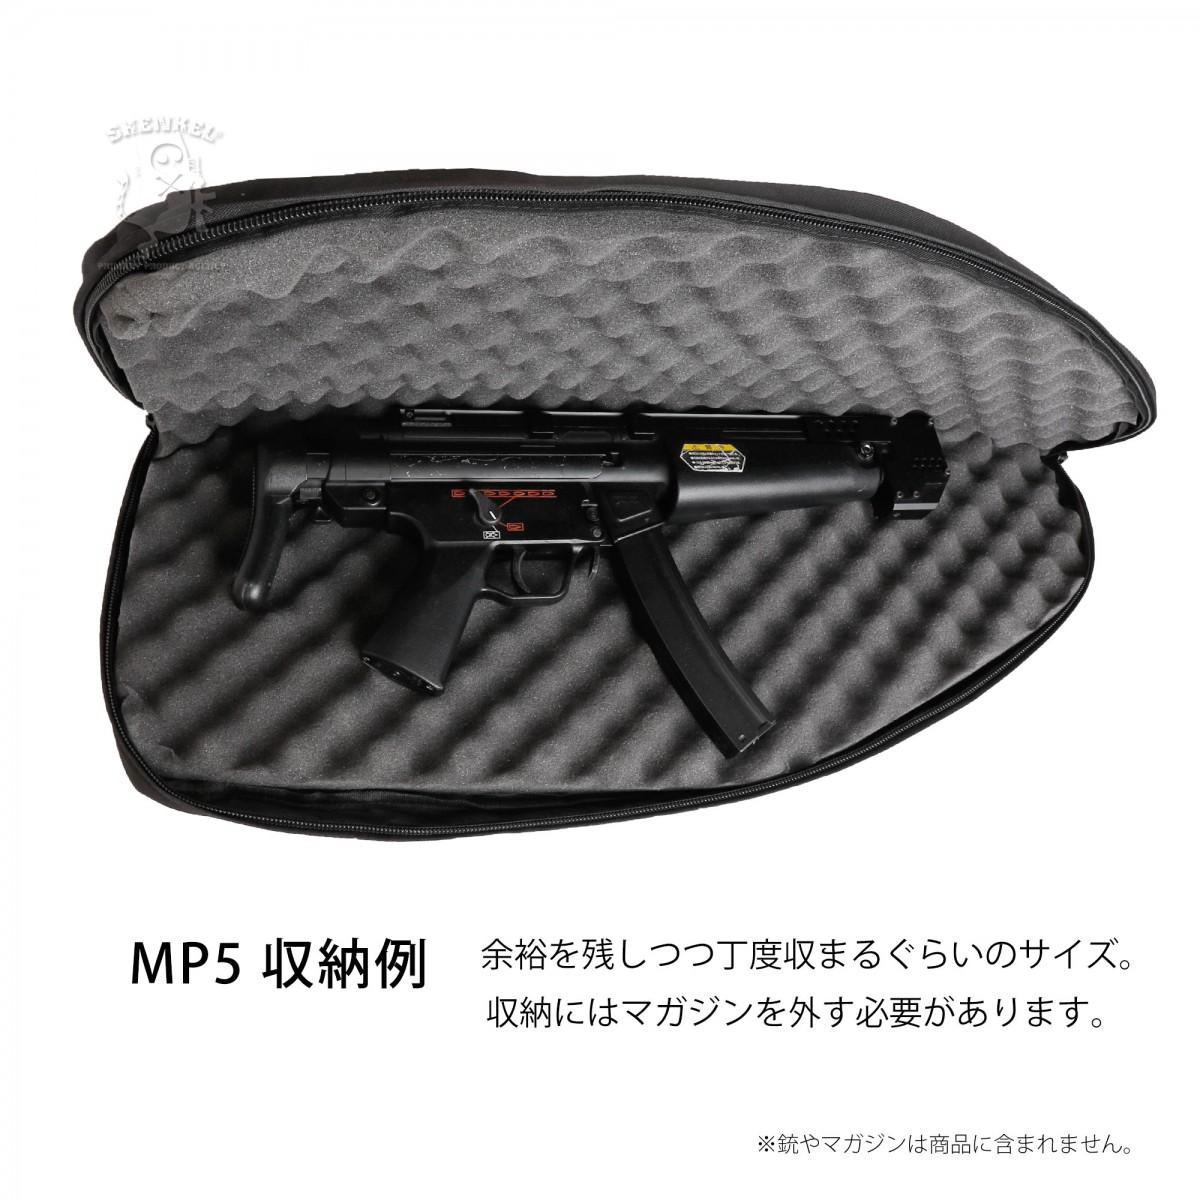 SHENKEL ライフルケース ライフルキャリーケース 70cm ソフトタイプ シングル 710x270 BK ブラック サバゲー サバイバルゲーム M90 MP5 PDW